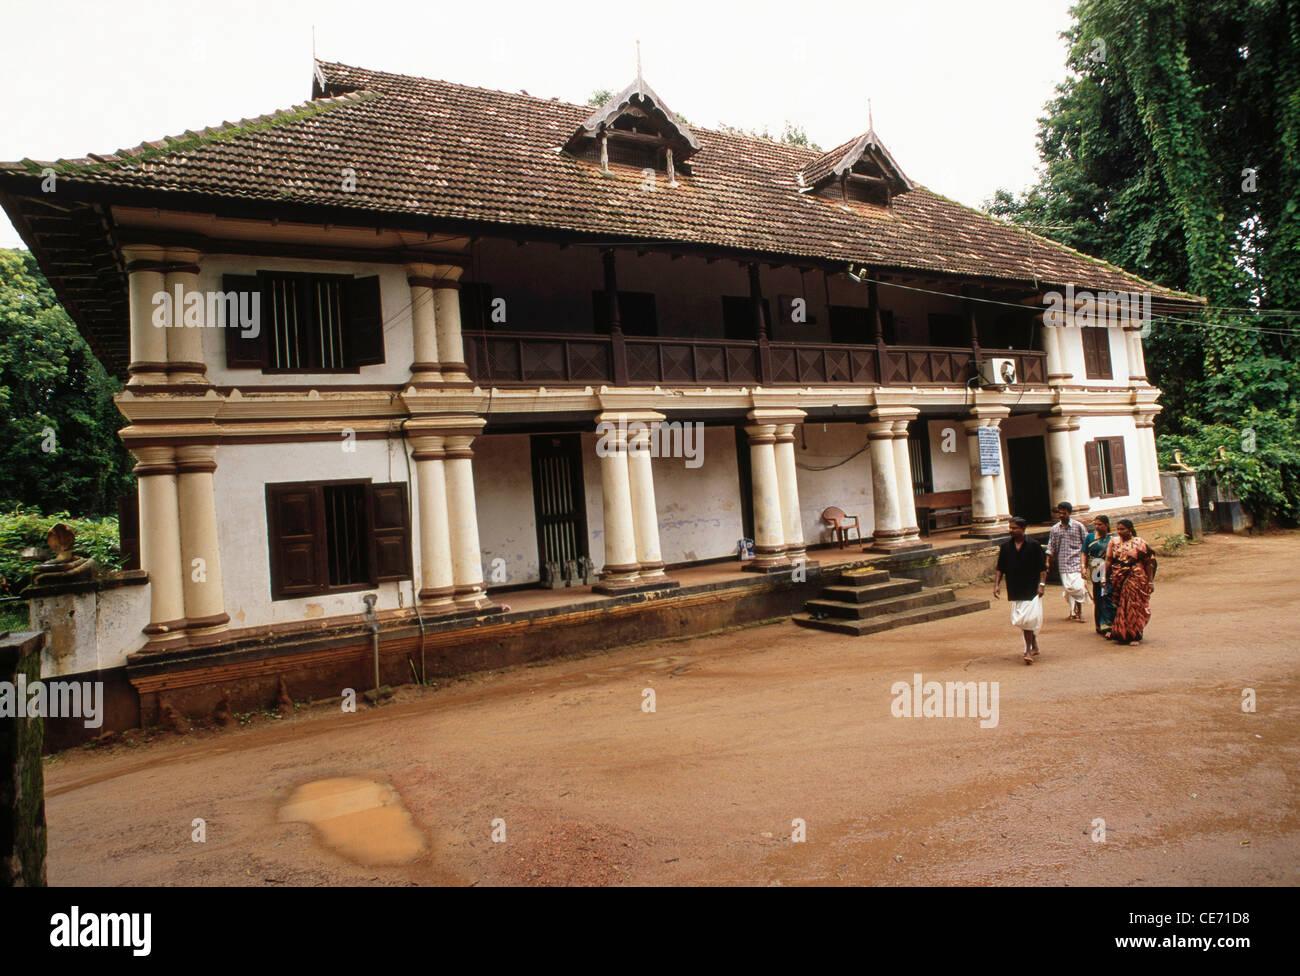 150 Years Old Pambummeykkattu Mana Namoodiri House Kerala